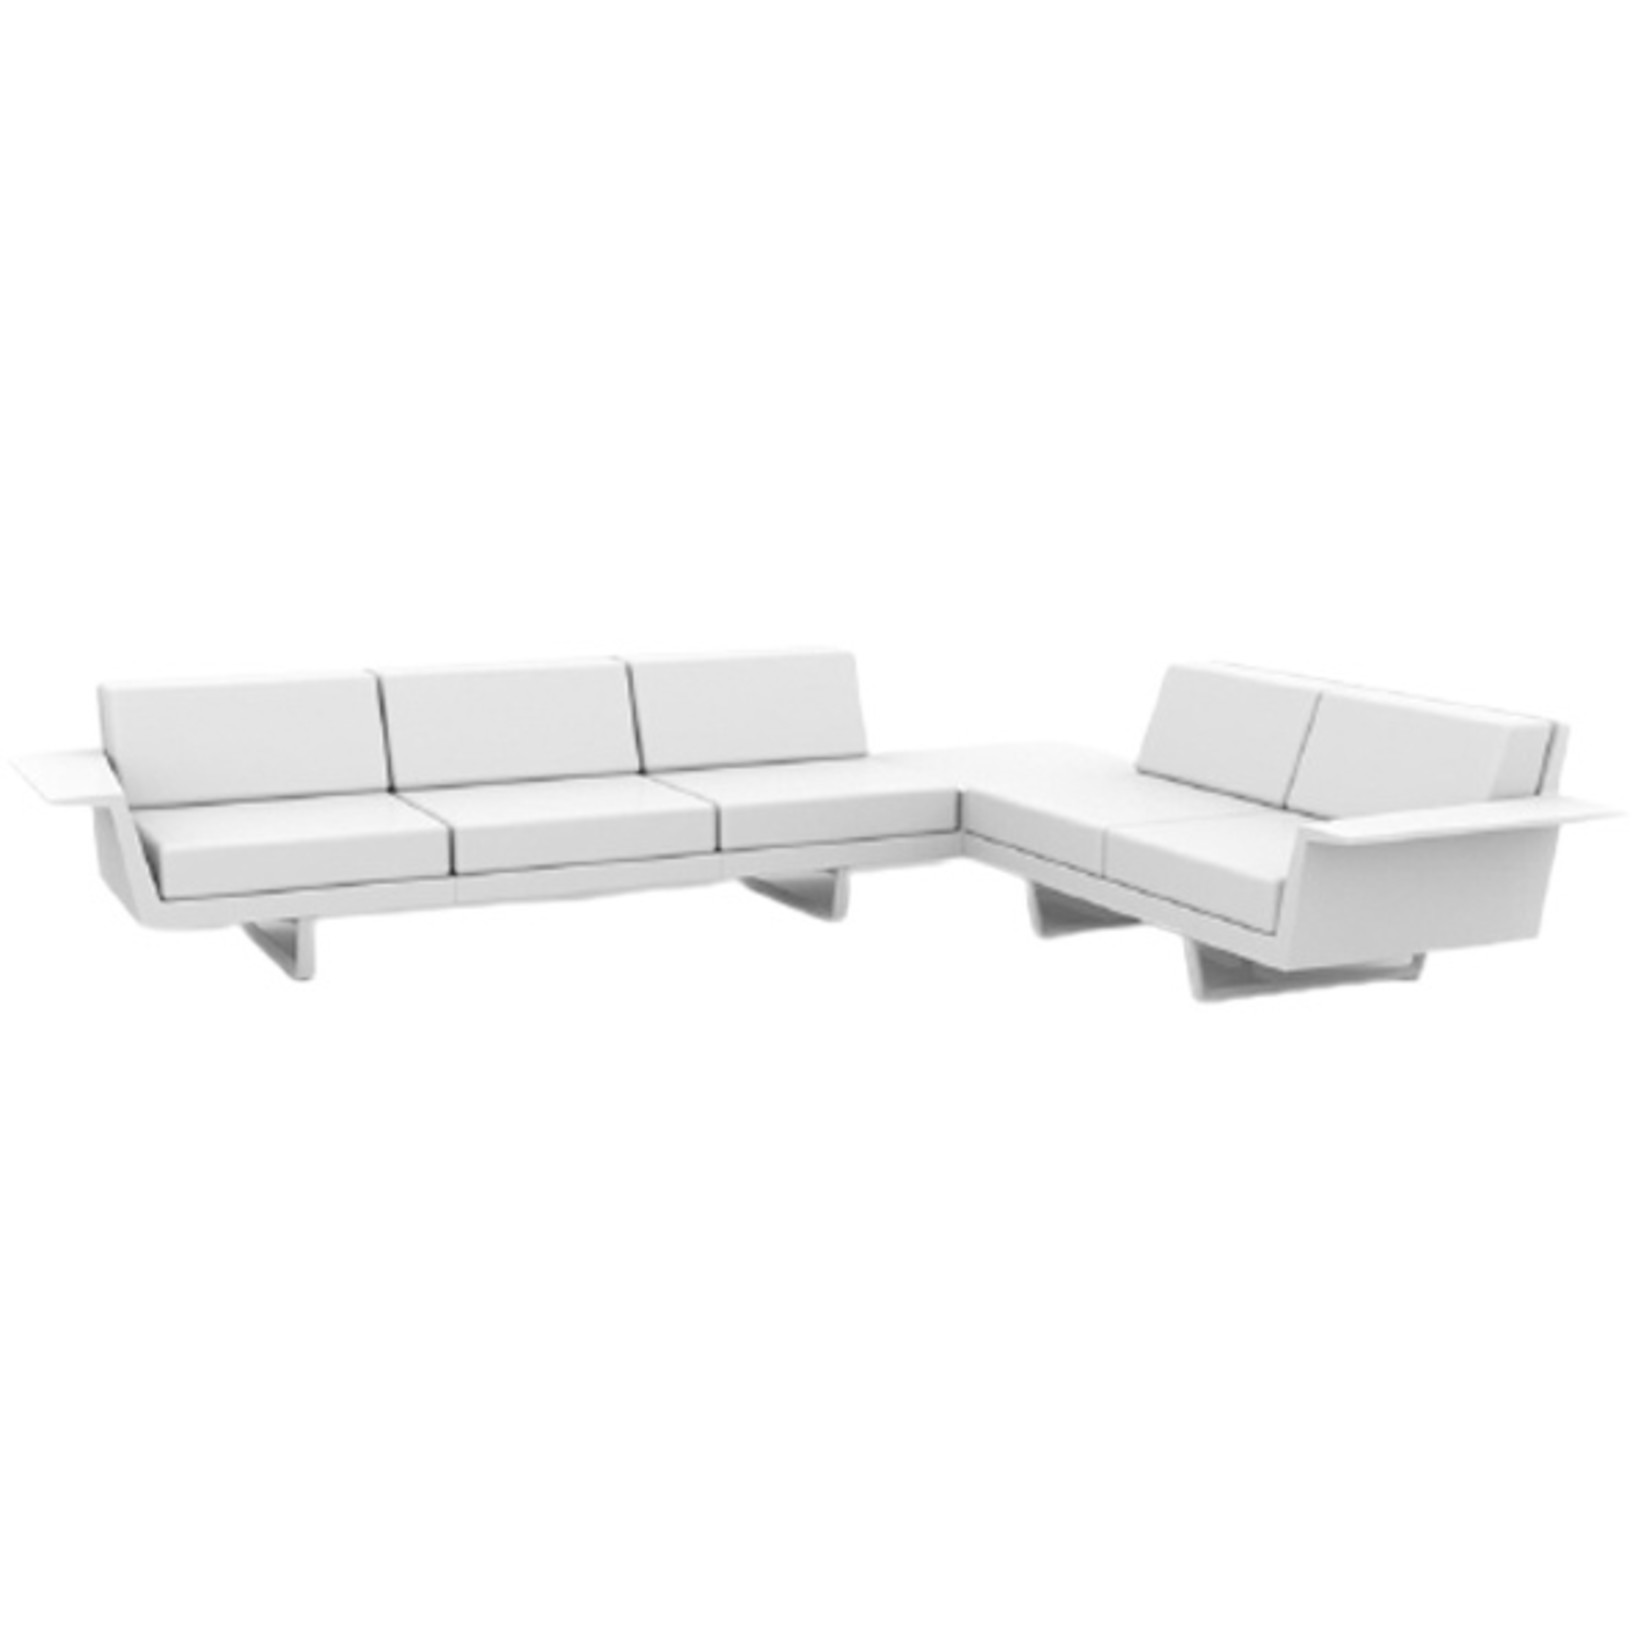 Vondom DELTA Corner Sofa left 5 seat